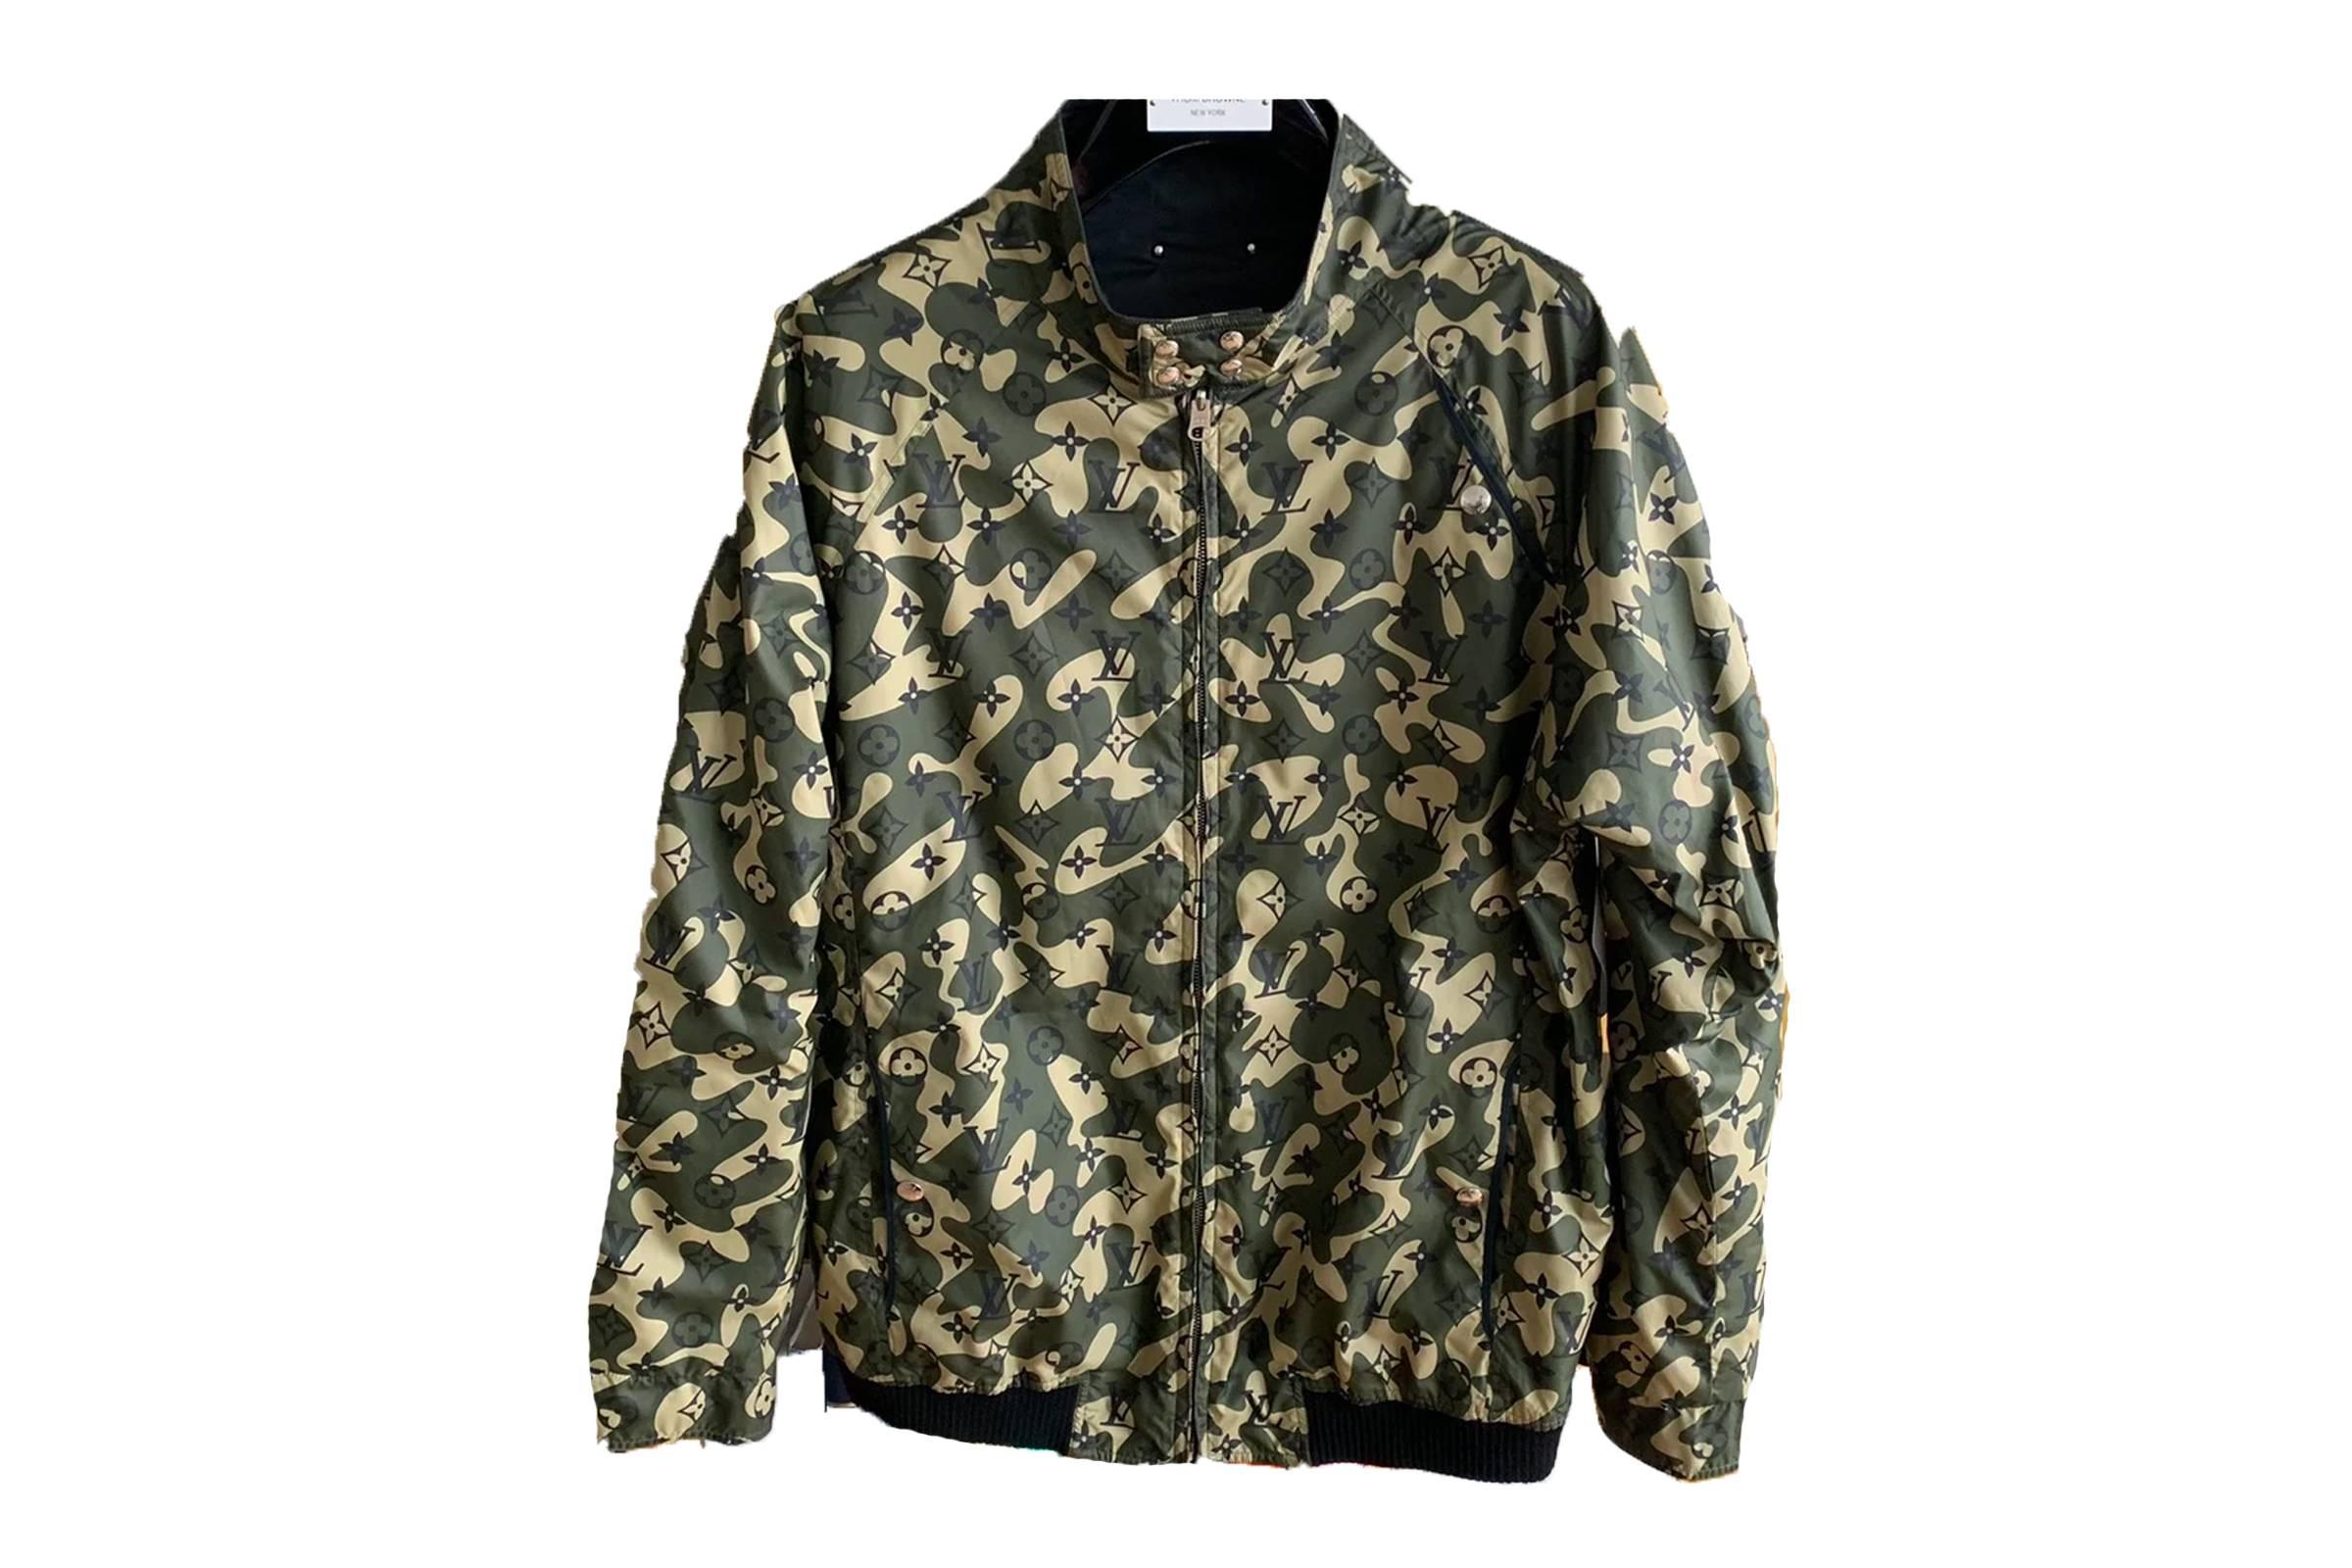 Louis Vuitton x Takashi Murakami Reversible Bomber Jacket